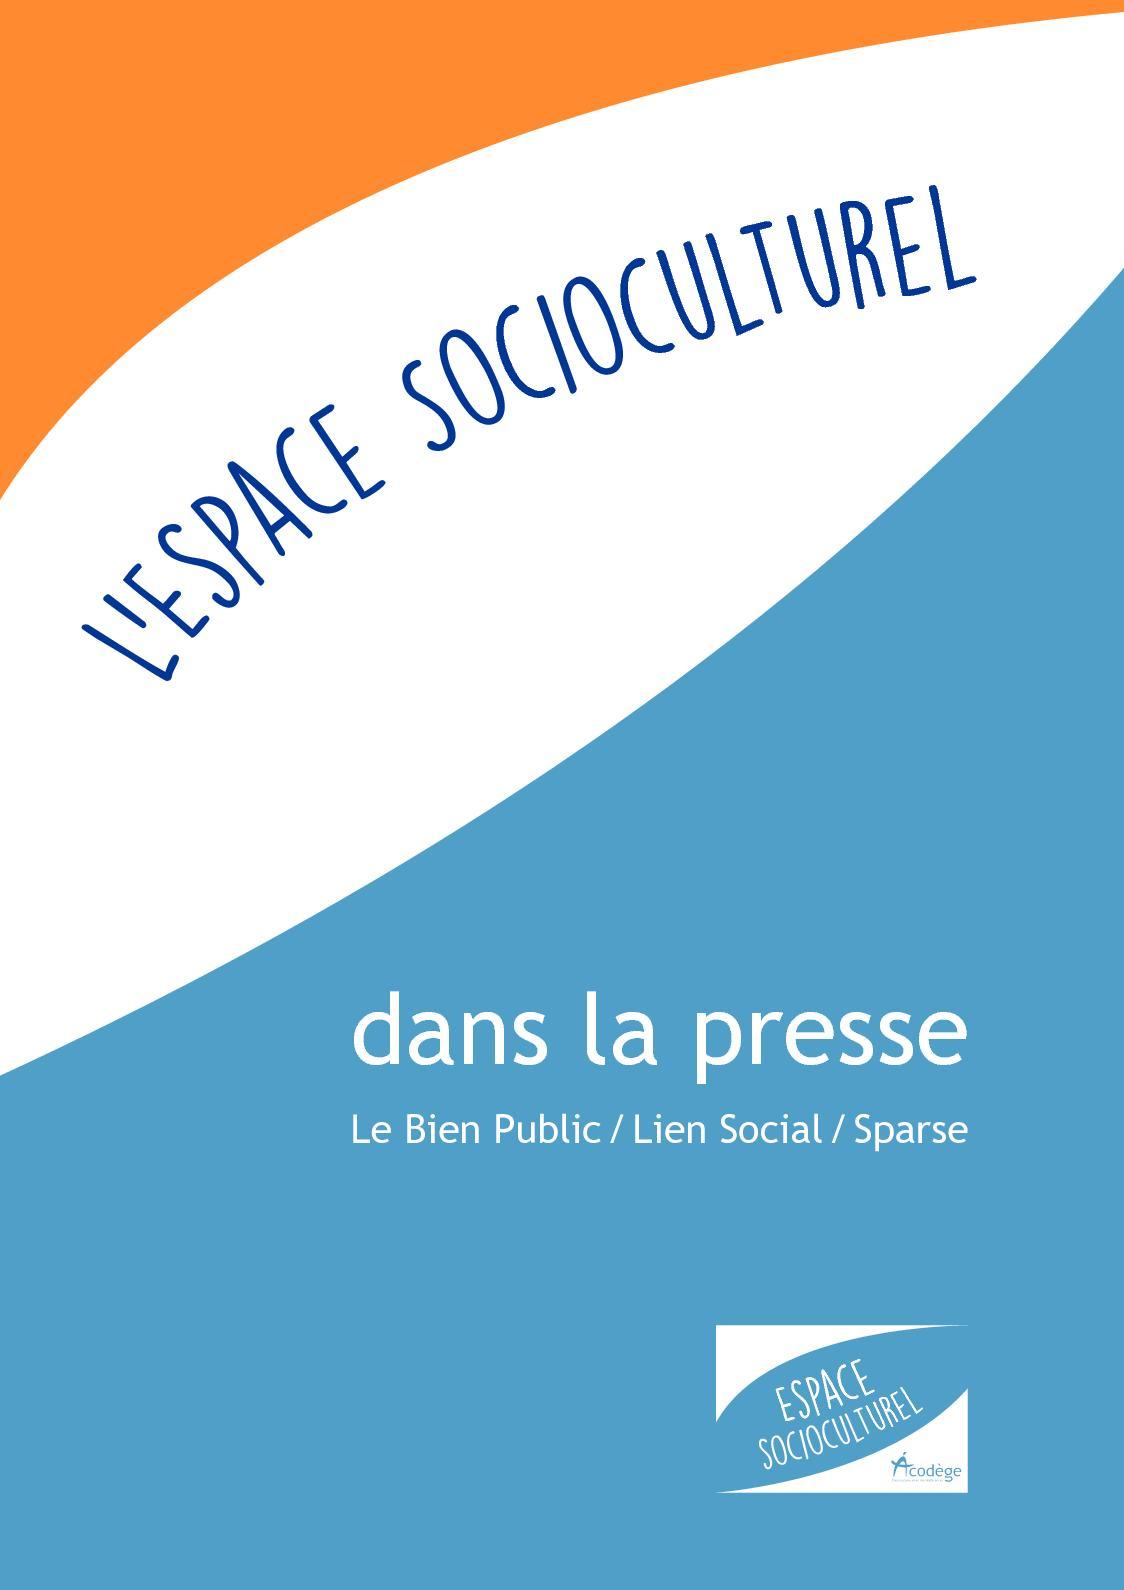 Enseigne Leclerc Beau Calaméo Press Book Of 24 Inspirant Enseigne Leclerc